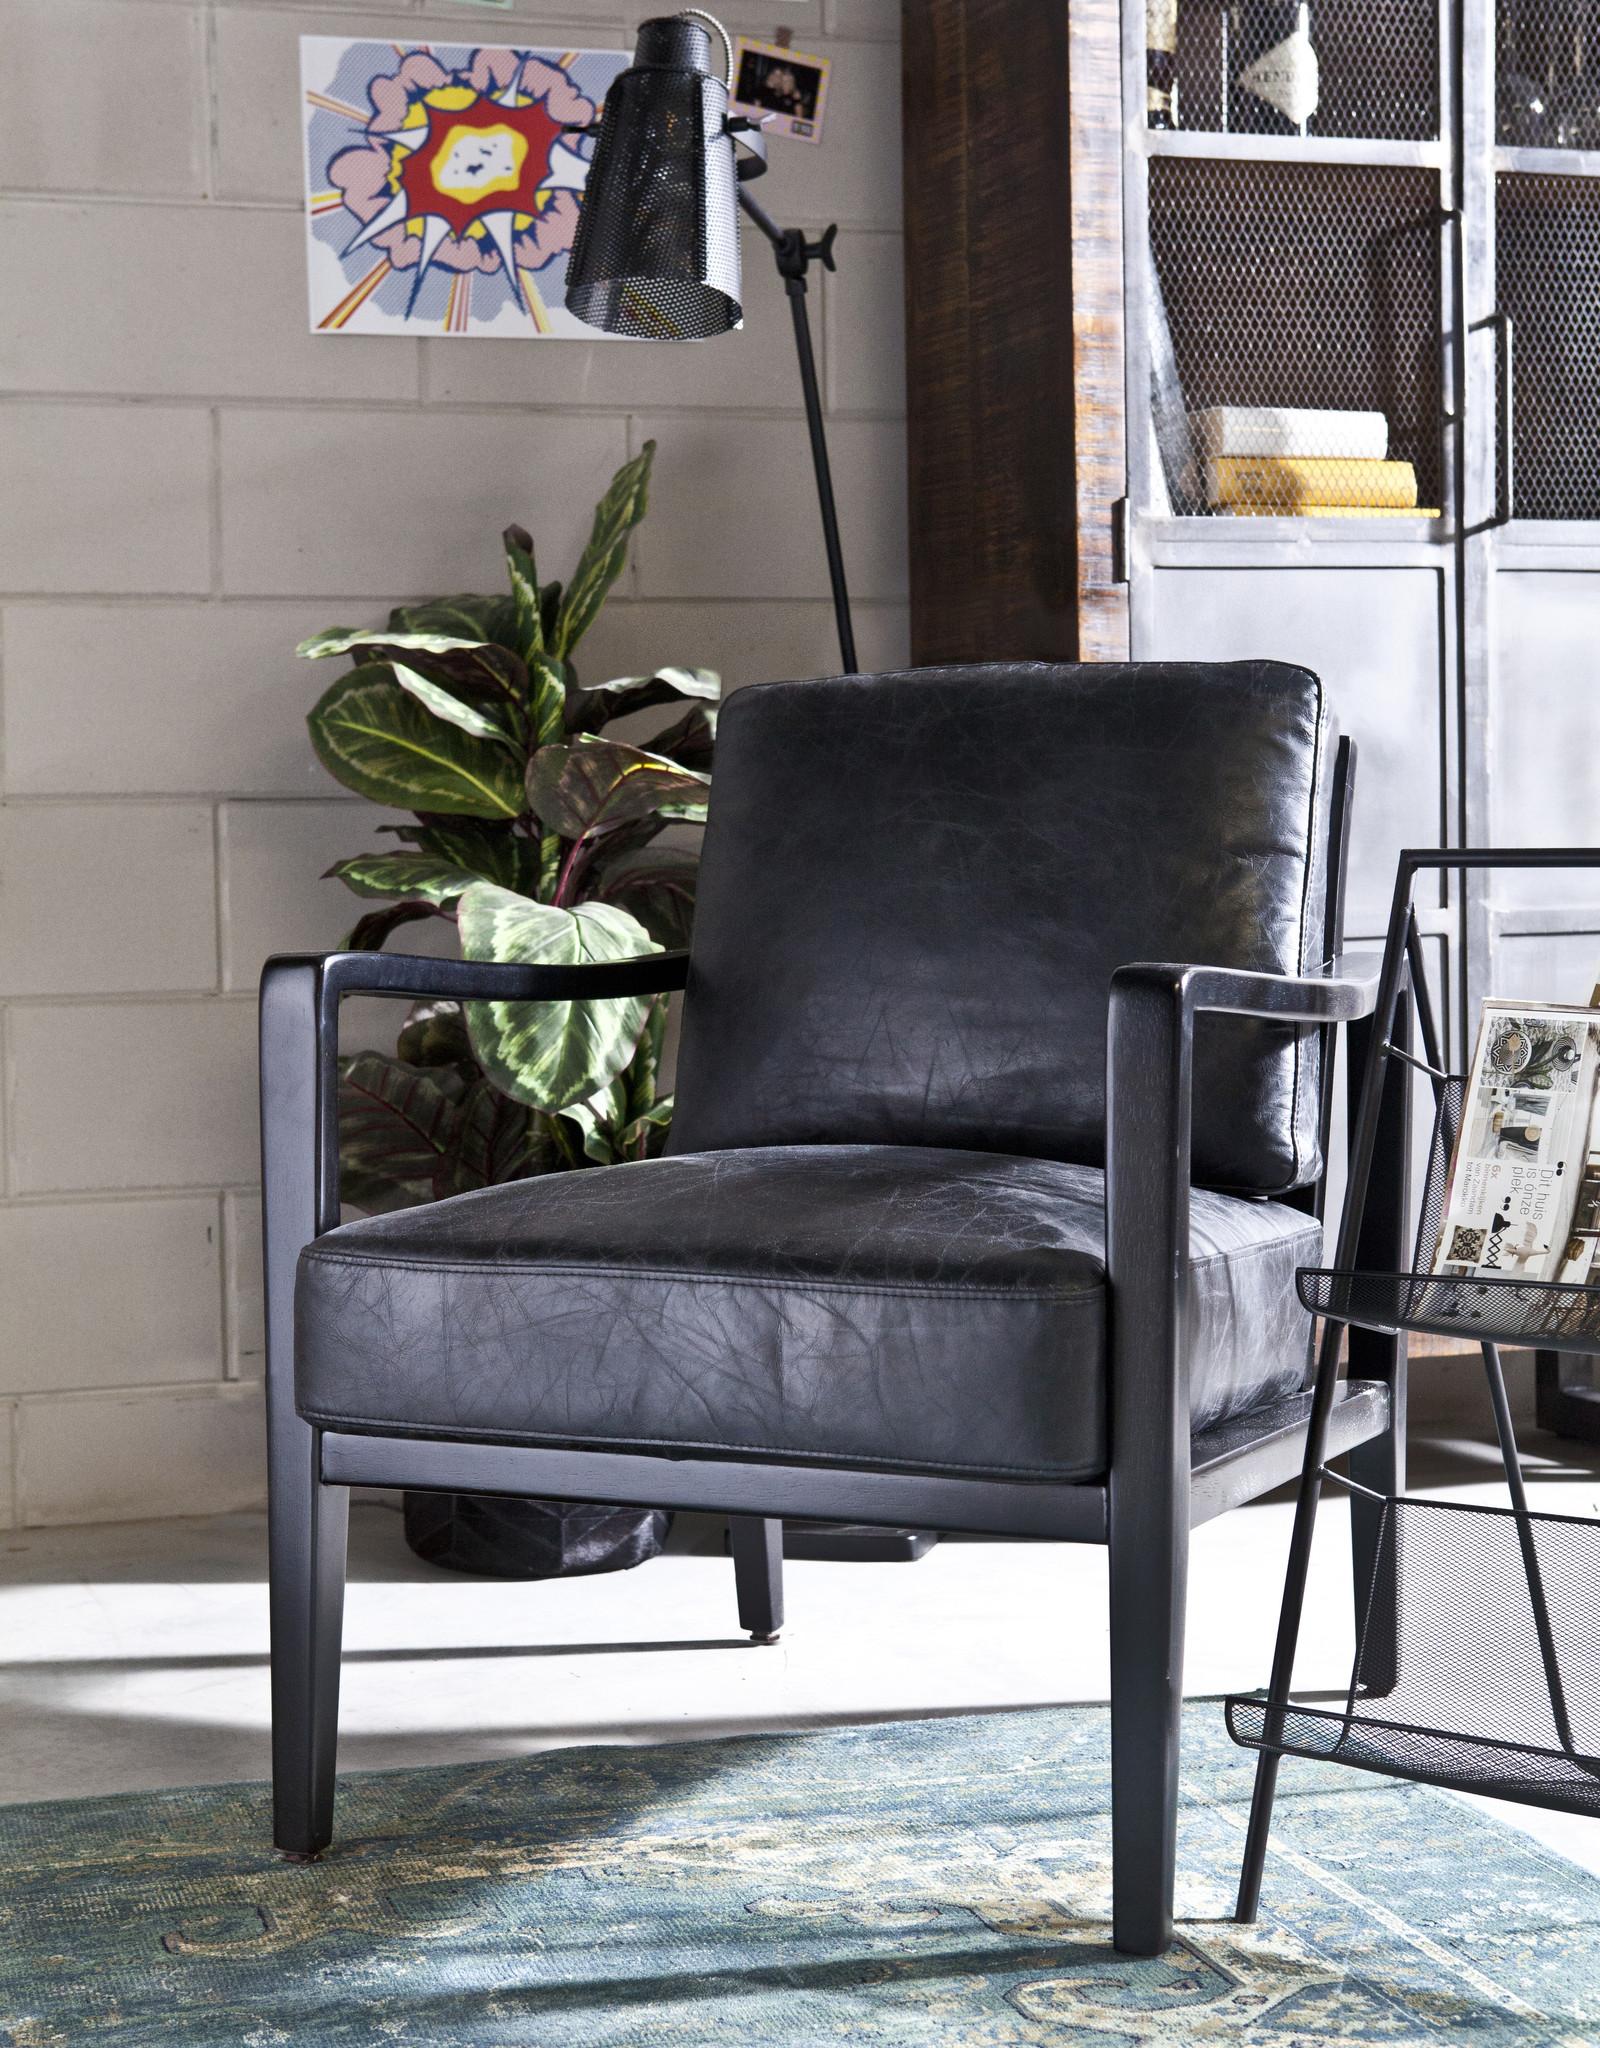 Fauteuil Vintage Leer - zwart